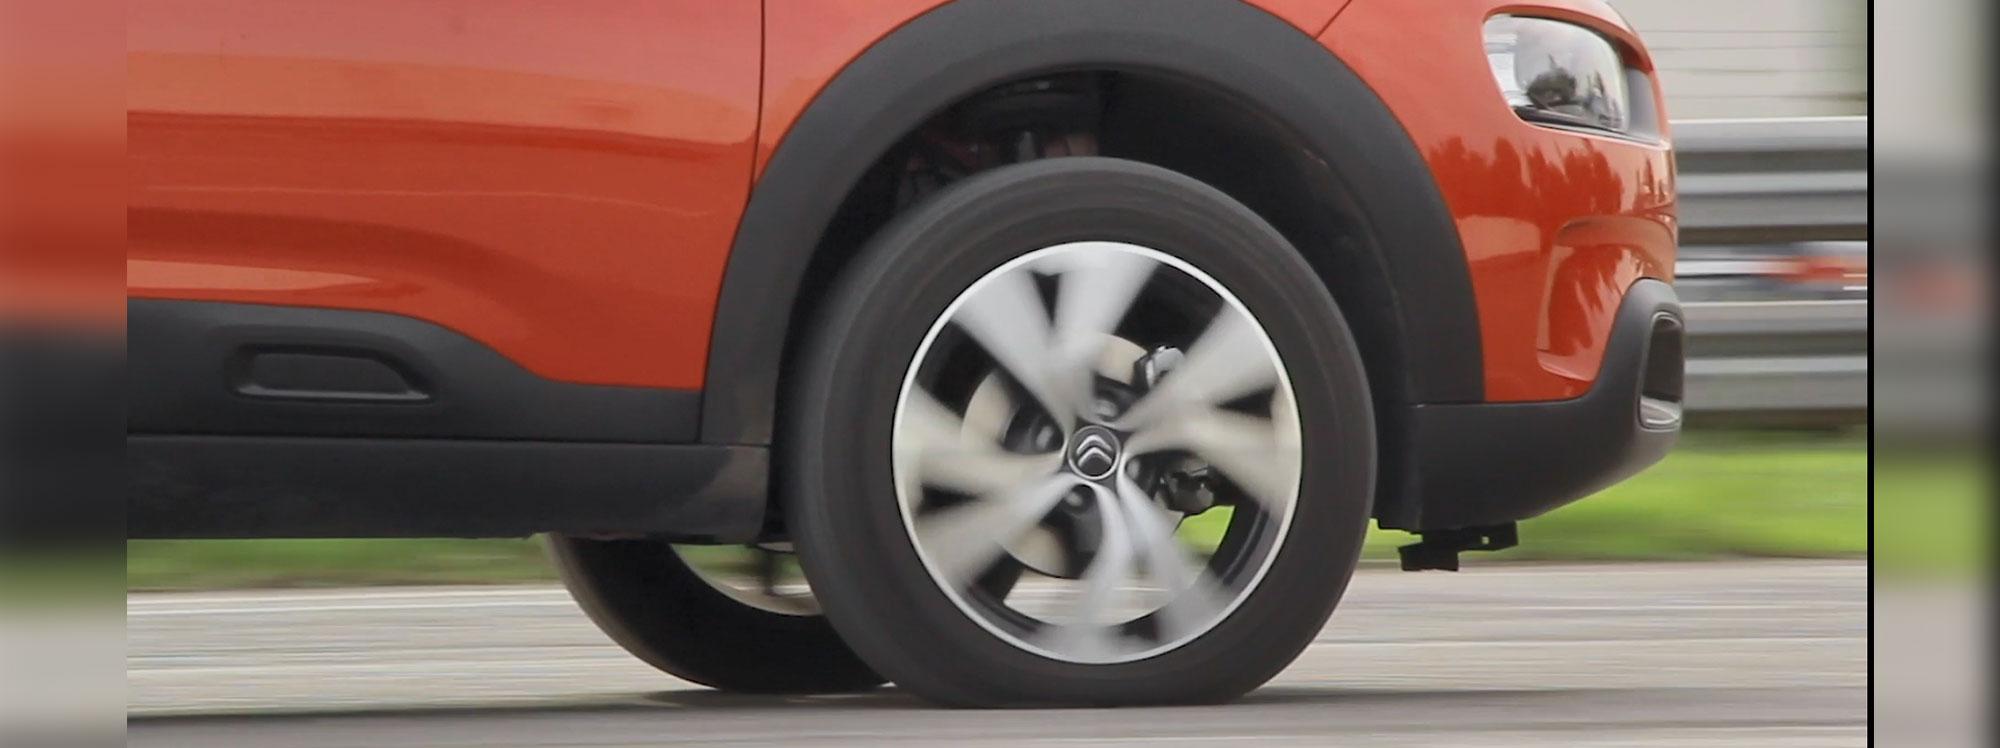 Ojo con el Sub-inflado de neumáticos